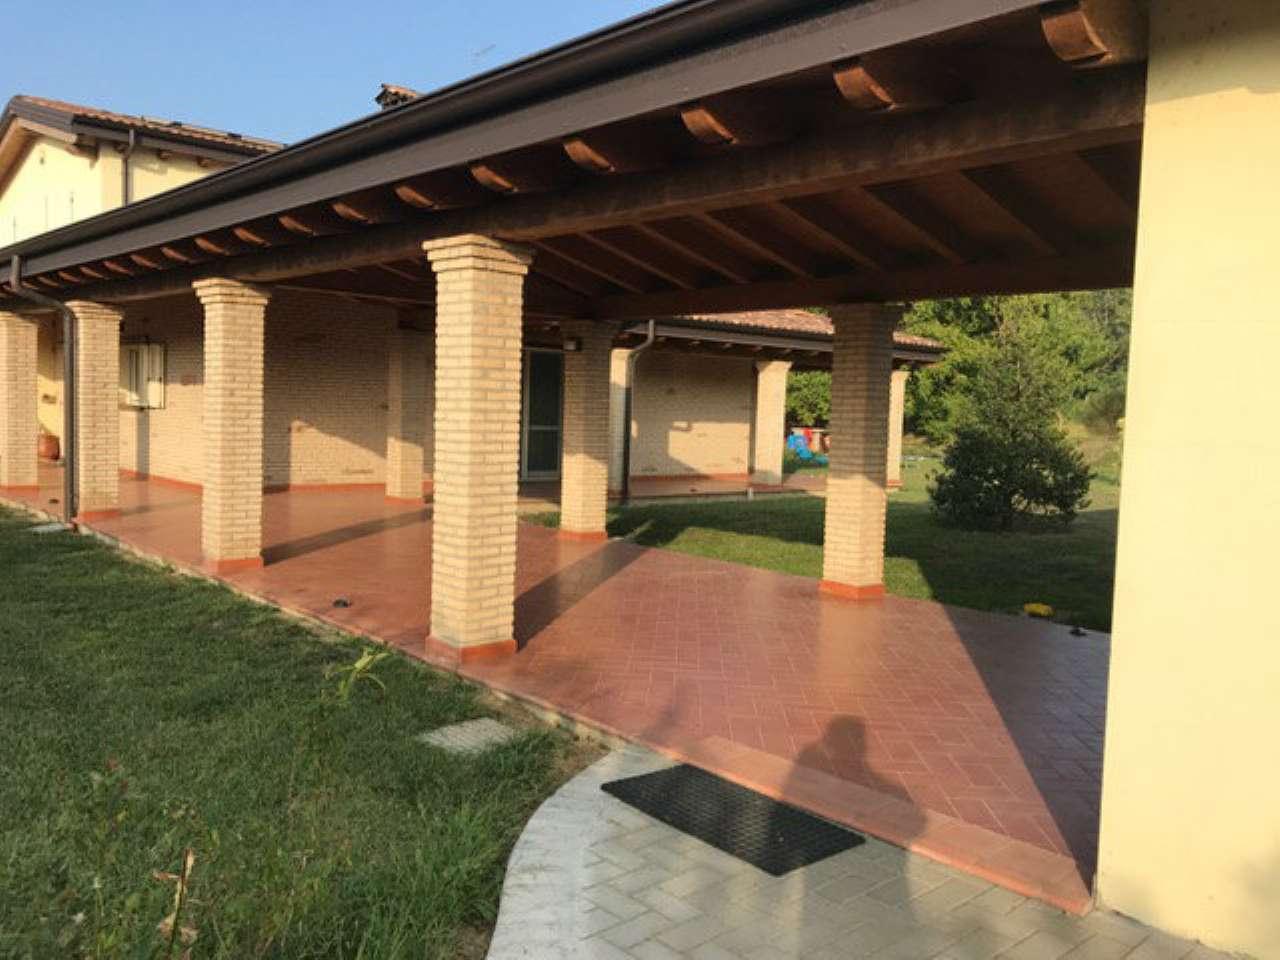 Villa in vendita a Cortemaggiore, 7 locali, prezzo € 500.000 | CambioCasa.it